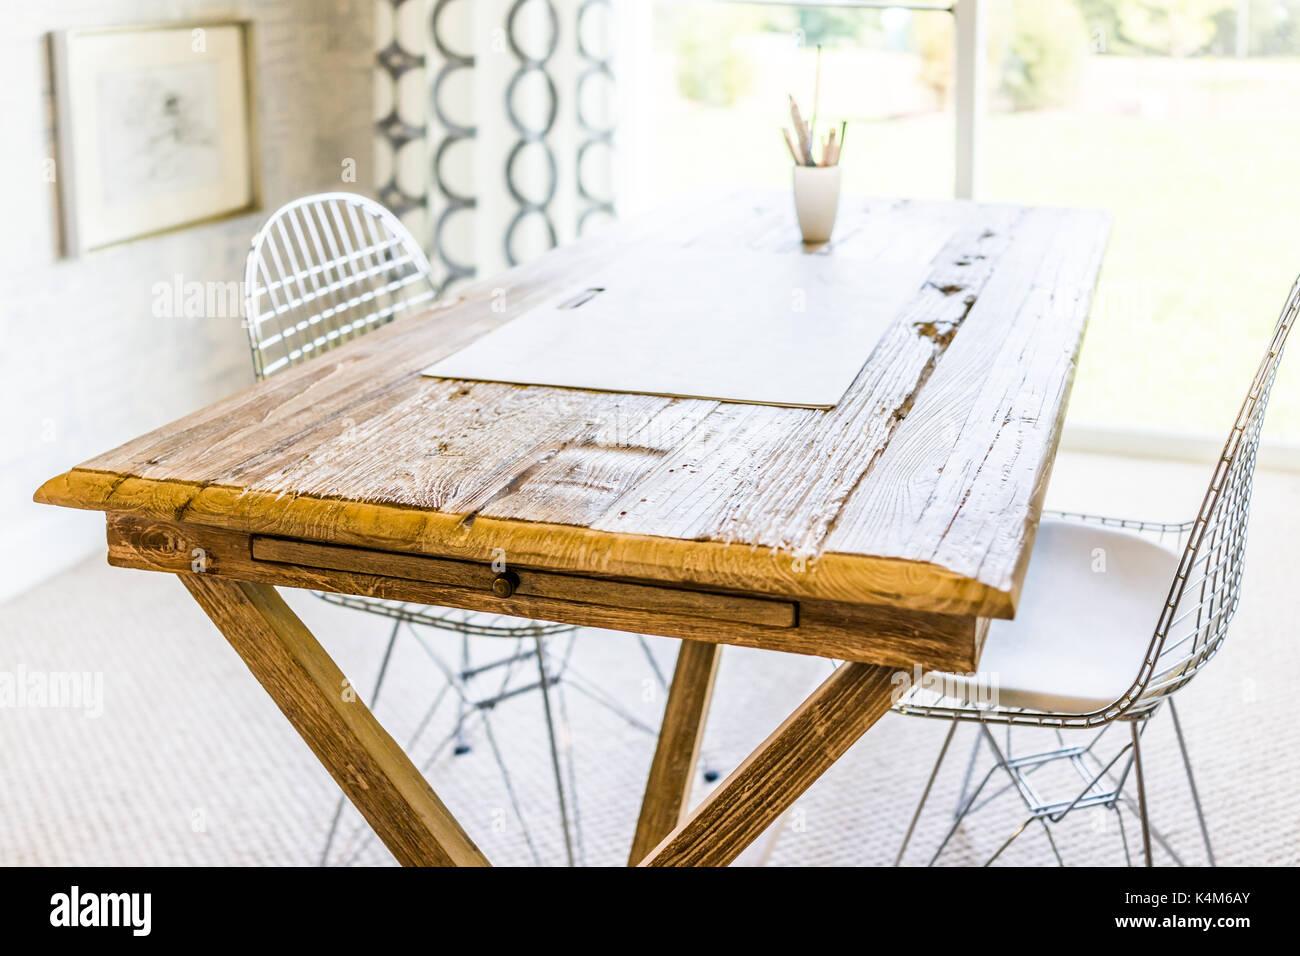 Artista Tavolo In Legno Con Disegno Di Verri E Sedie Dalla Finestra Di Sole In Casa Casa O Appartamento Foto Stock Alamy